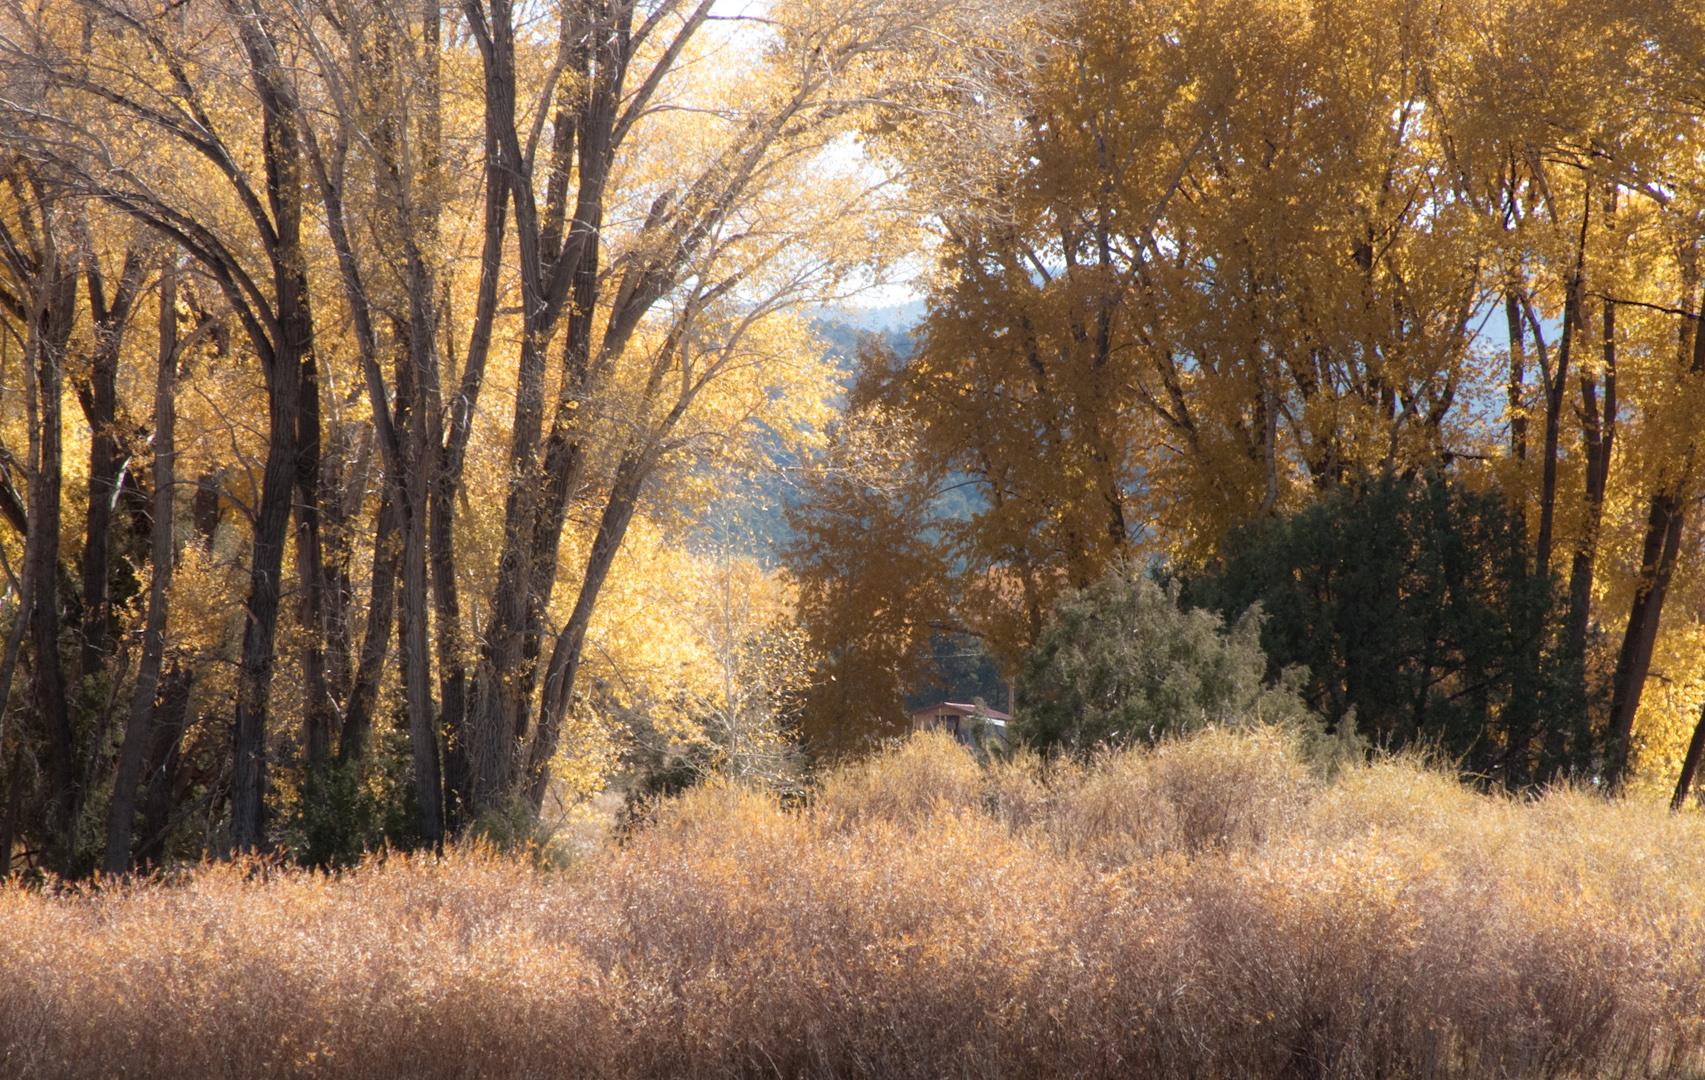 036_SantaFe_landscape.jpg